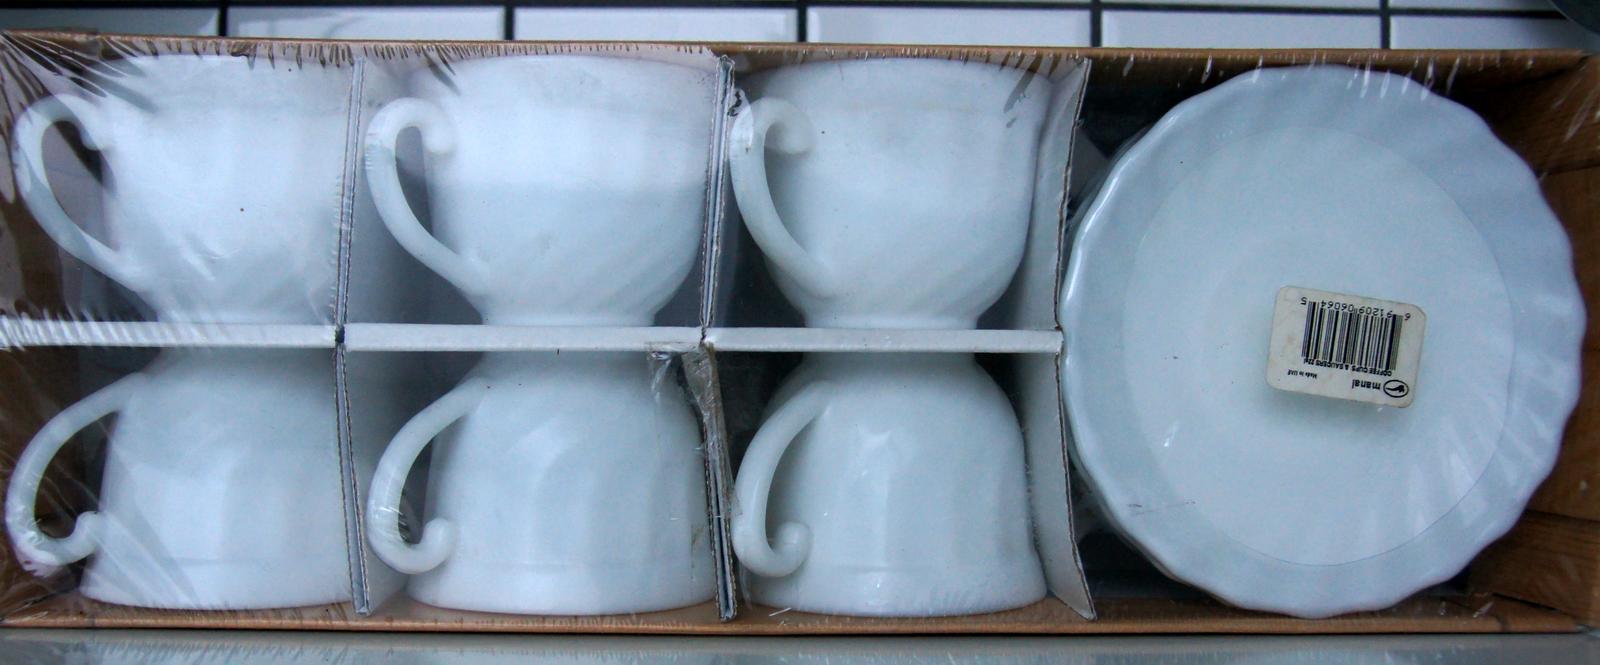 kávová súprava nepoužitá - Obrázok č. 1